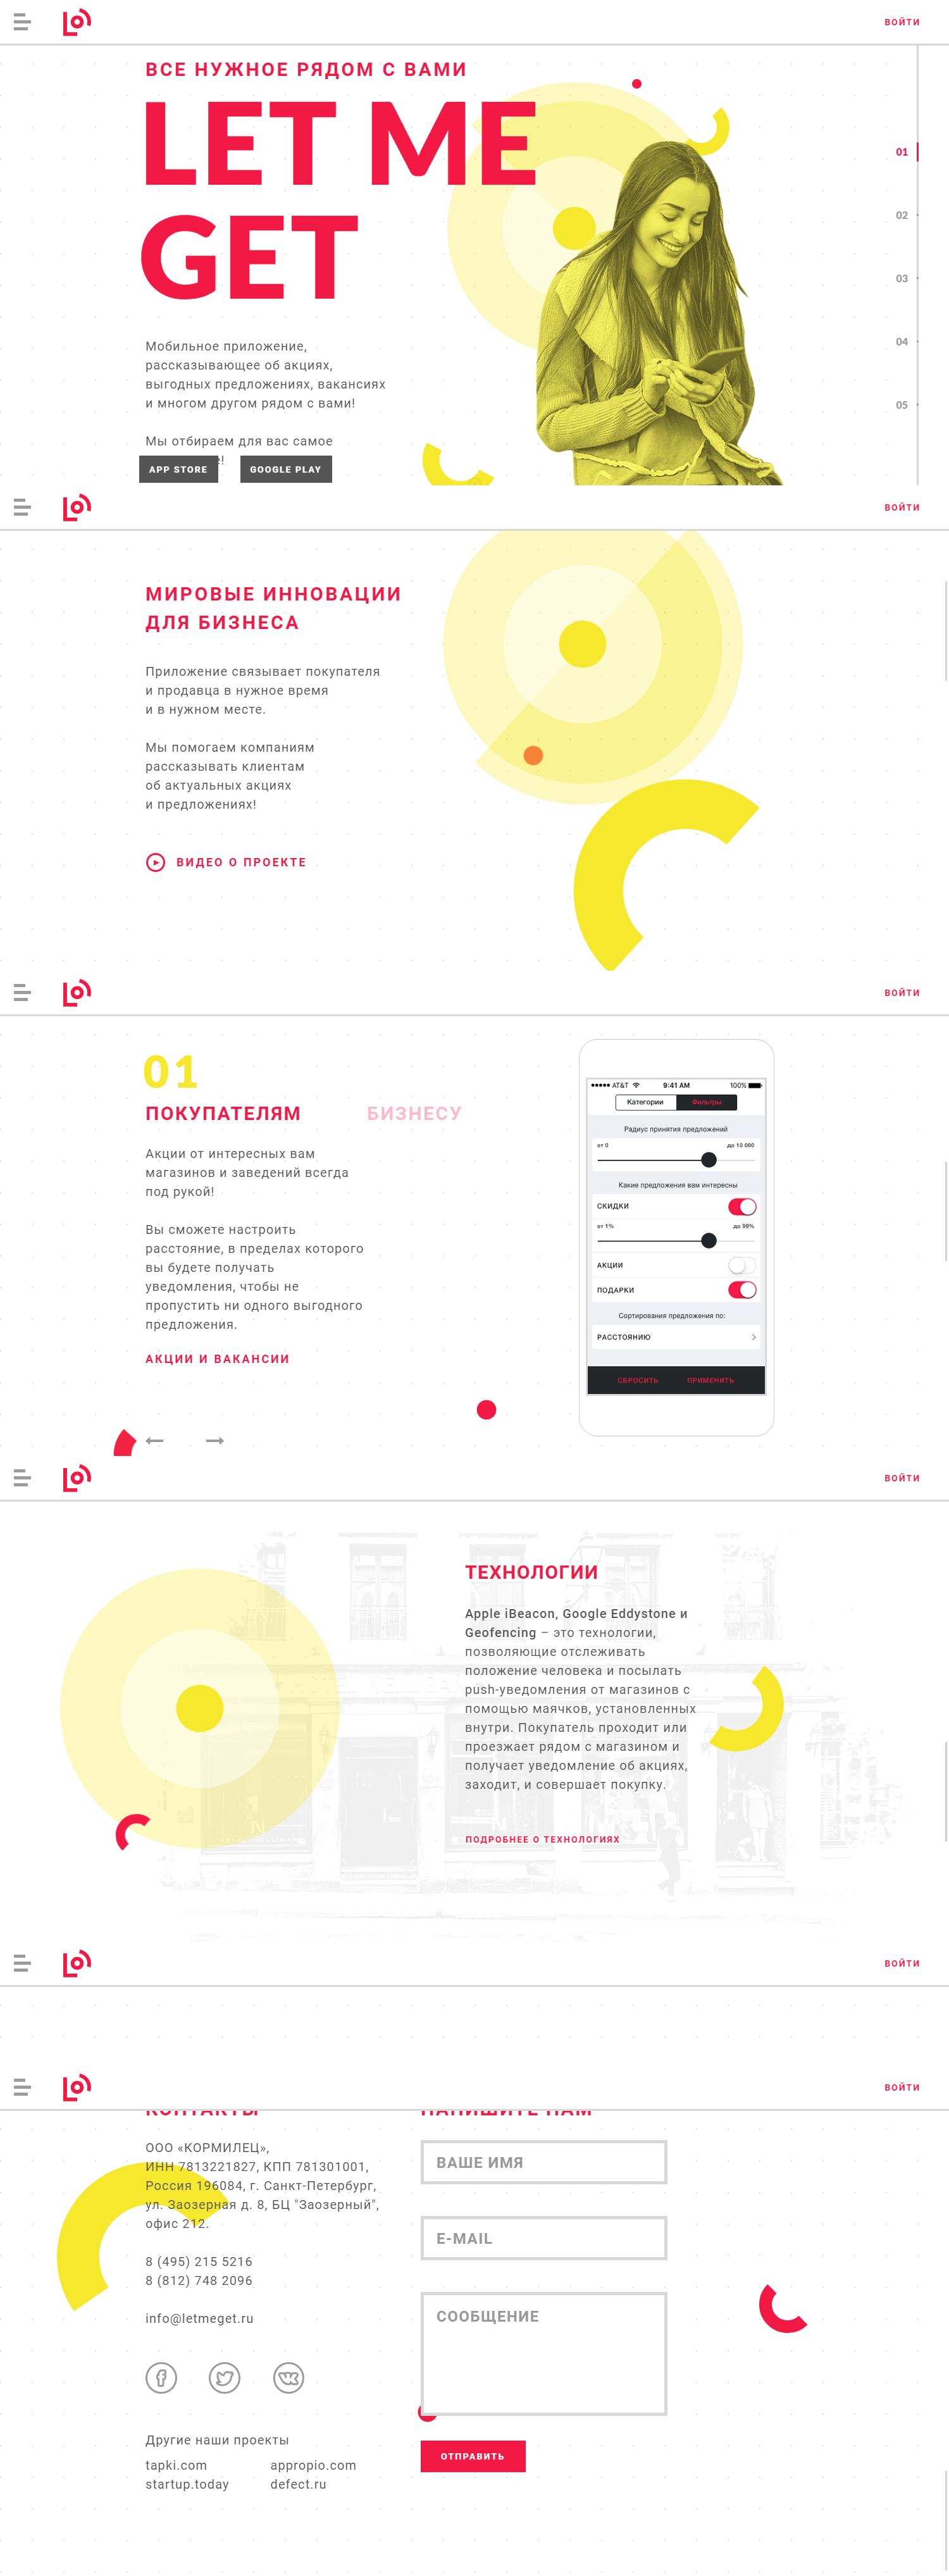 LetMeGet - front-end разработка start-up проекта